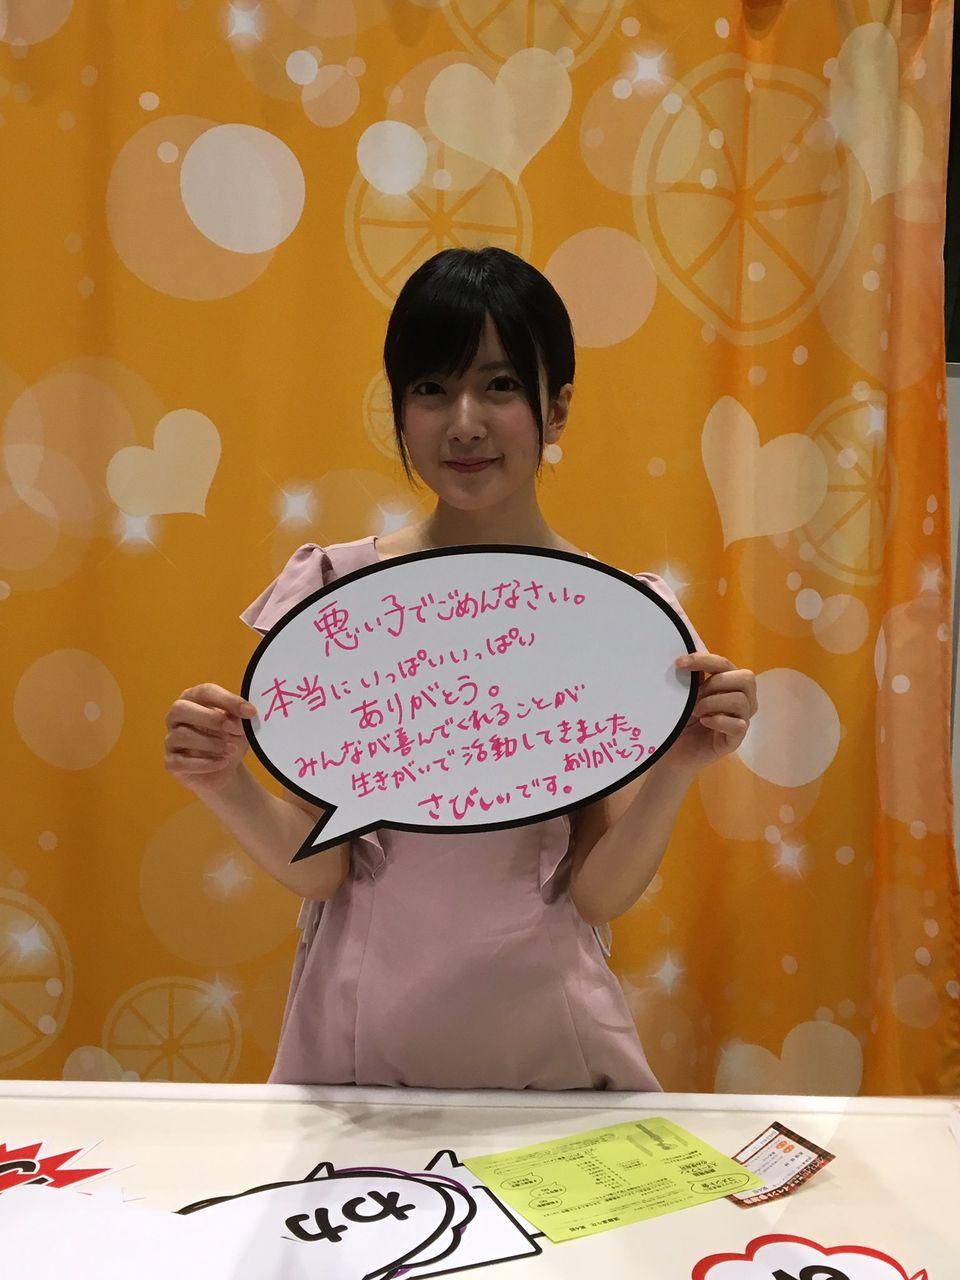 【悲報】HKT48メンバーにドリアン少年を歌わせる運営に高橋朱里が→